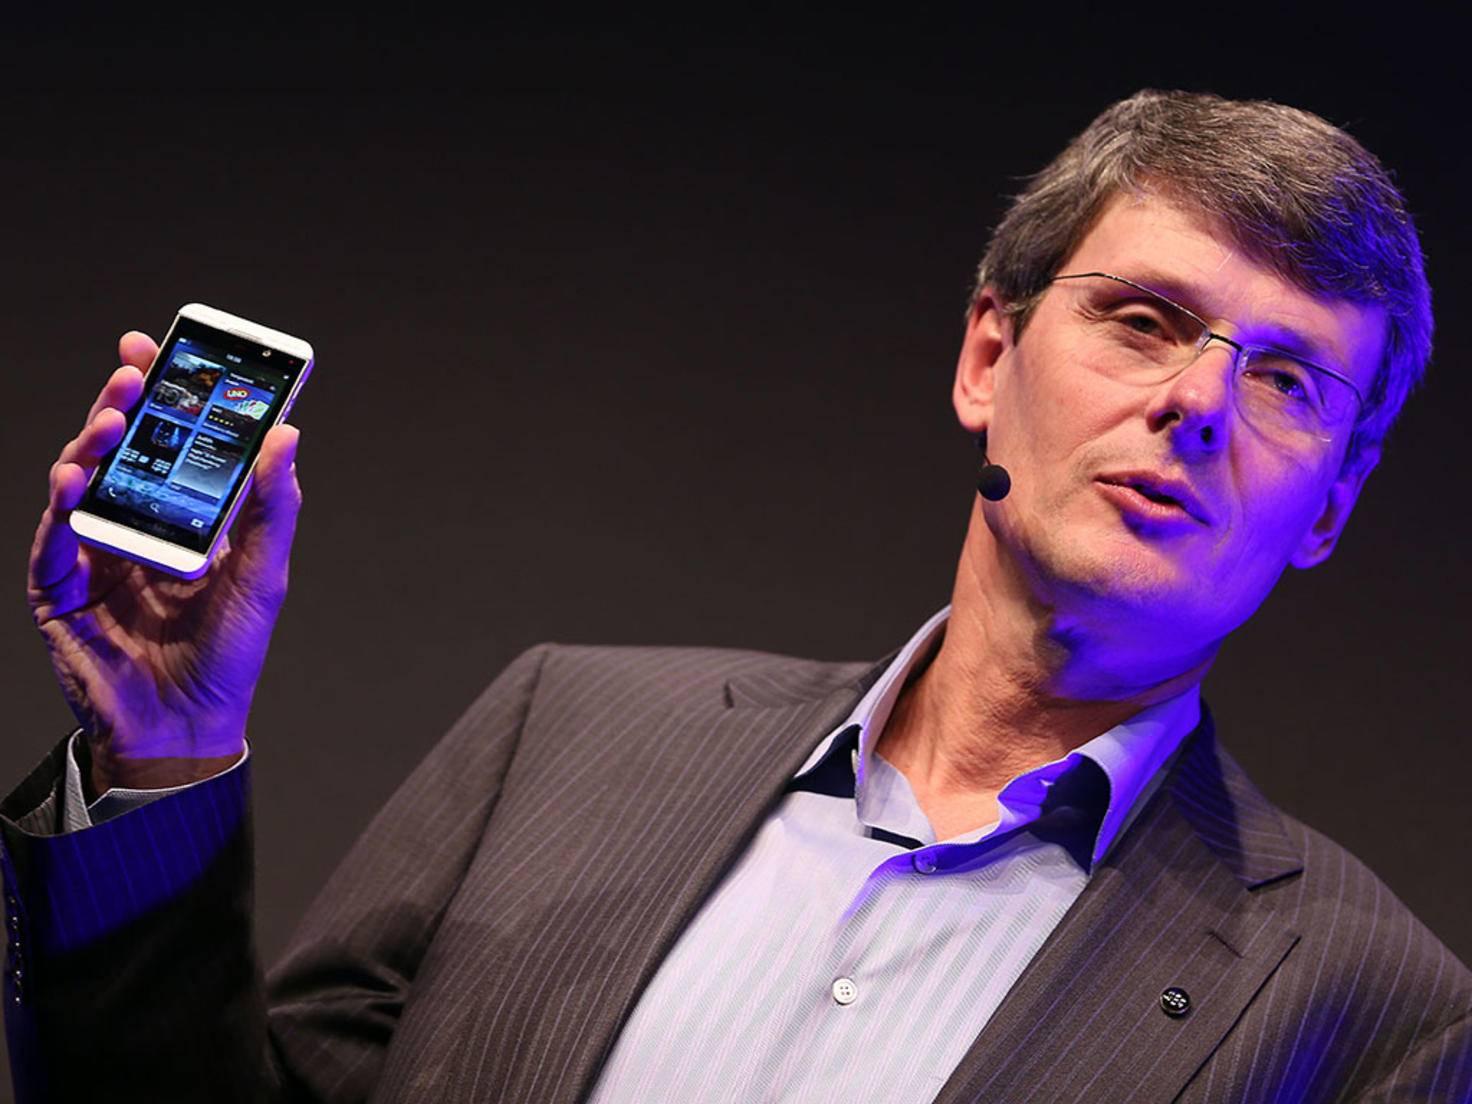 Prophezeiungen der Tech-Bosse: Thorsten Heins